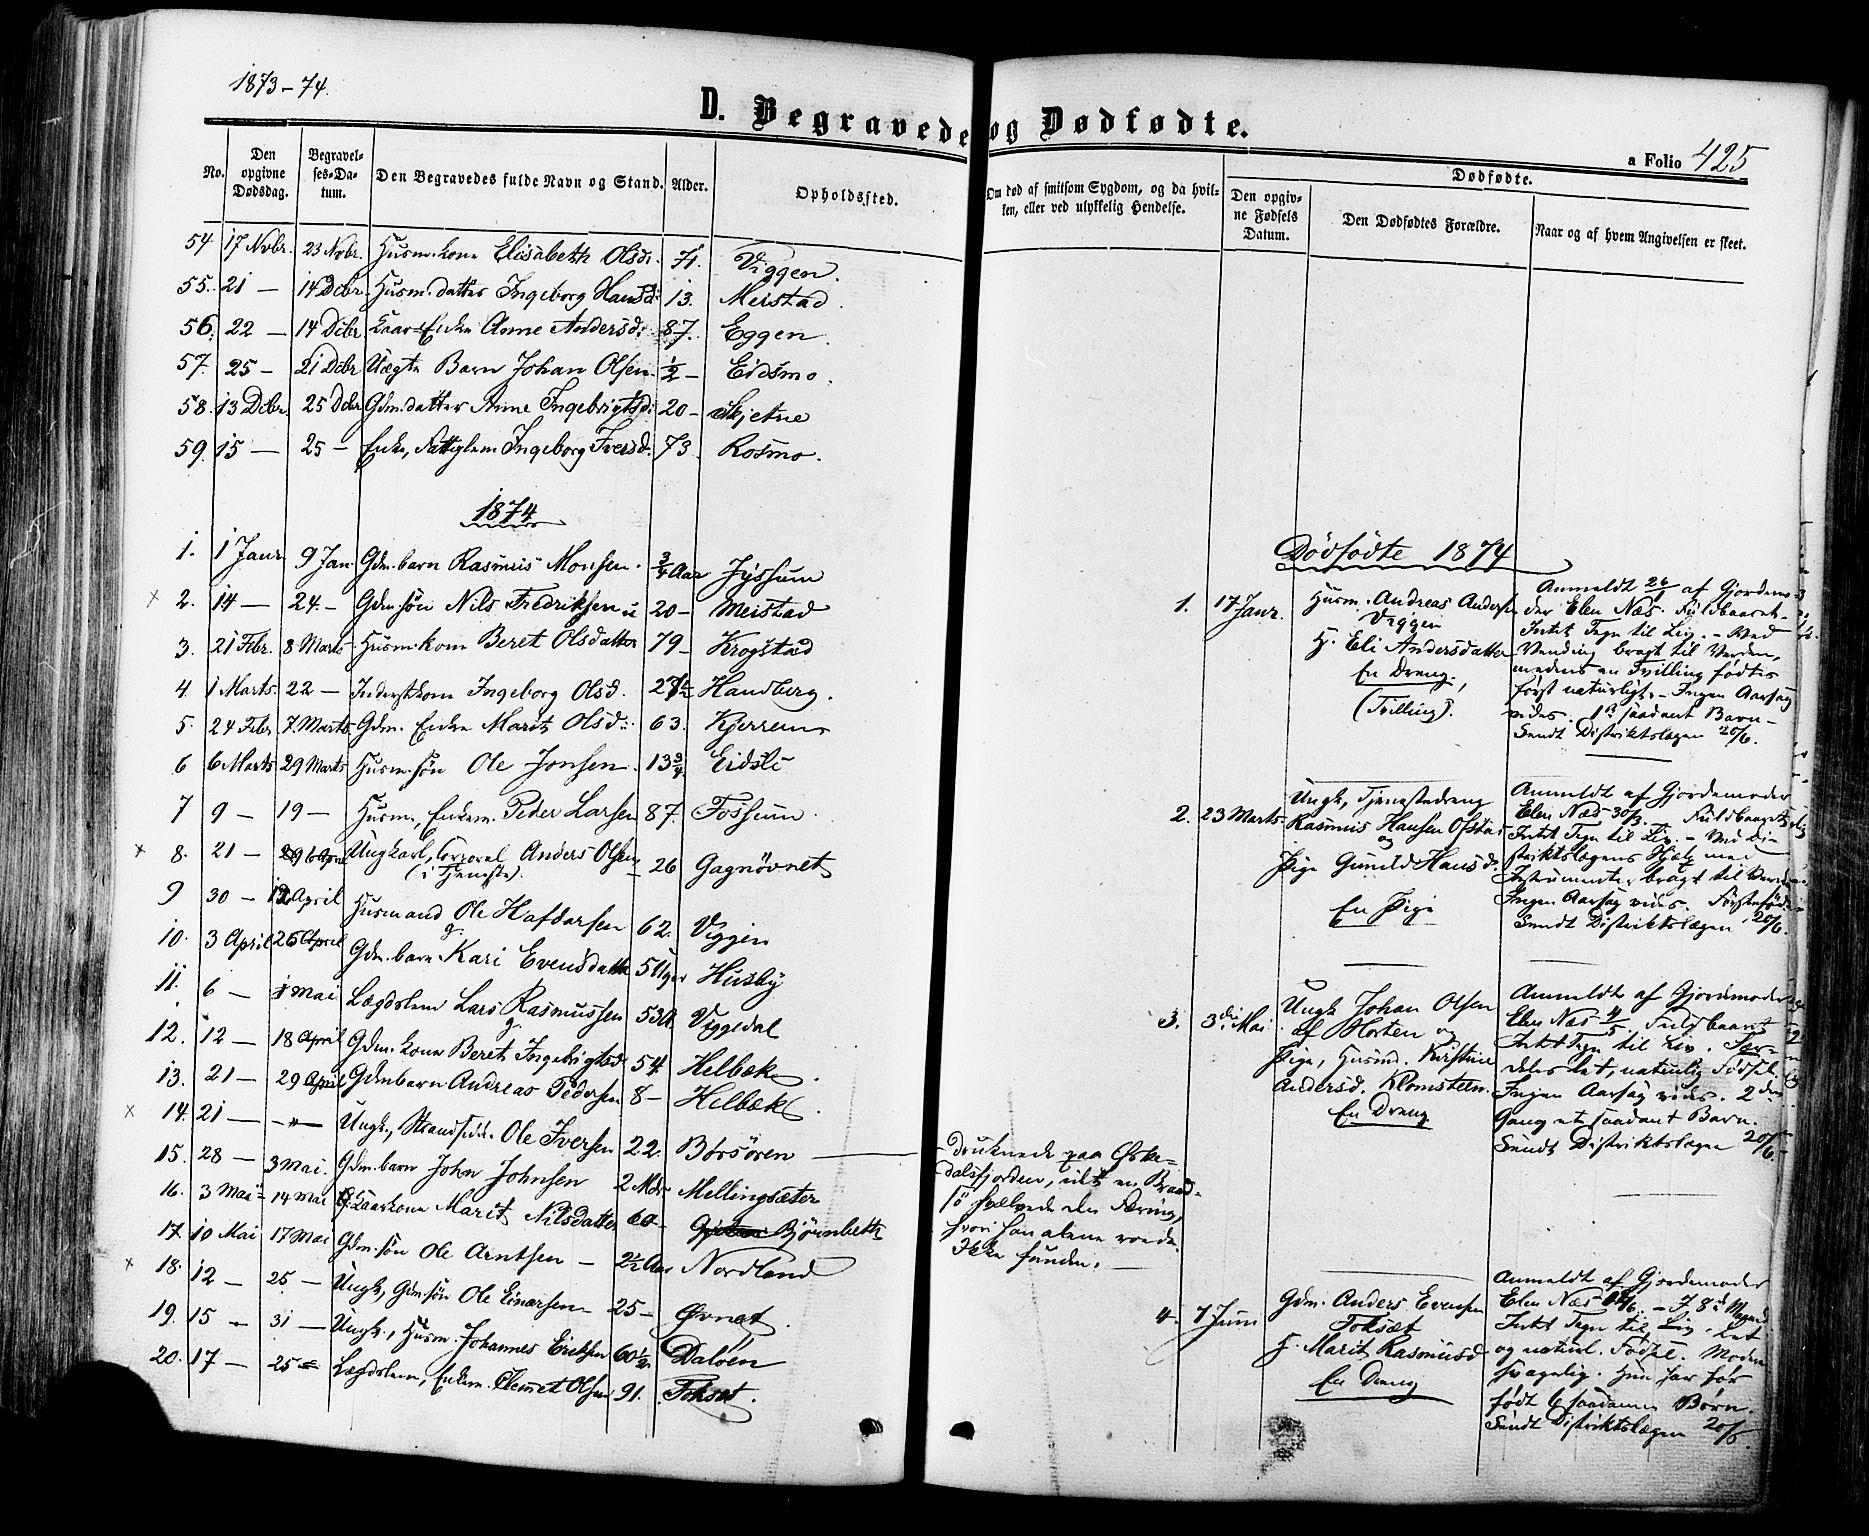 SAT, Ministerialprotokoller, klokkerbøker og fødselsregistre - Sør-Trøndelag, 665/L0772: Ministerialbok nr. 665A07, 1856-1878, s. 425